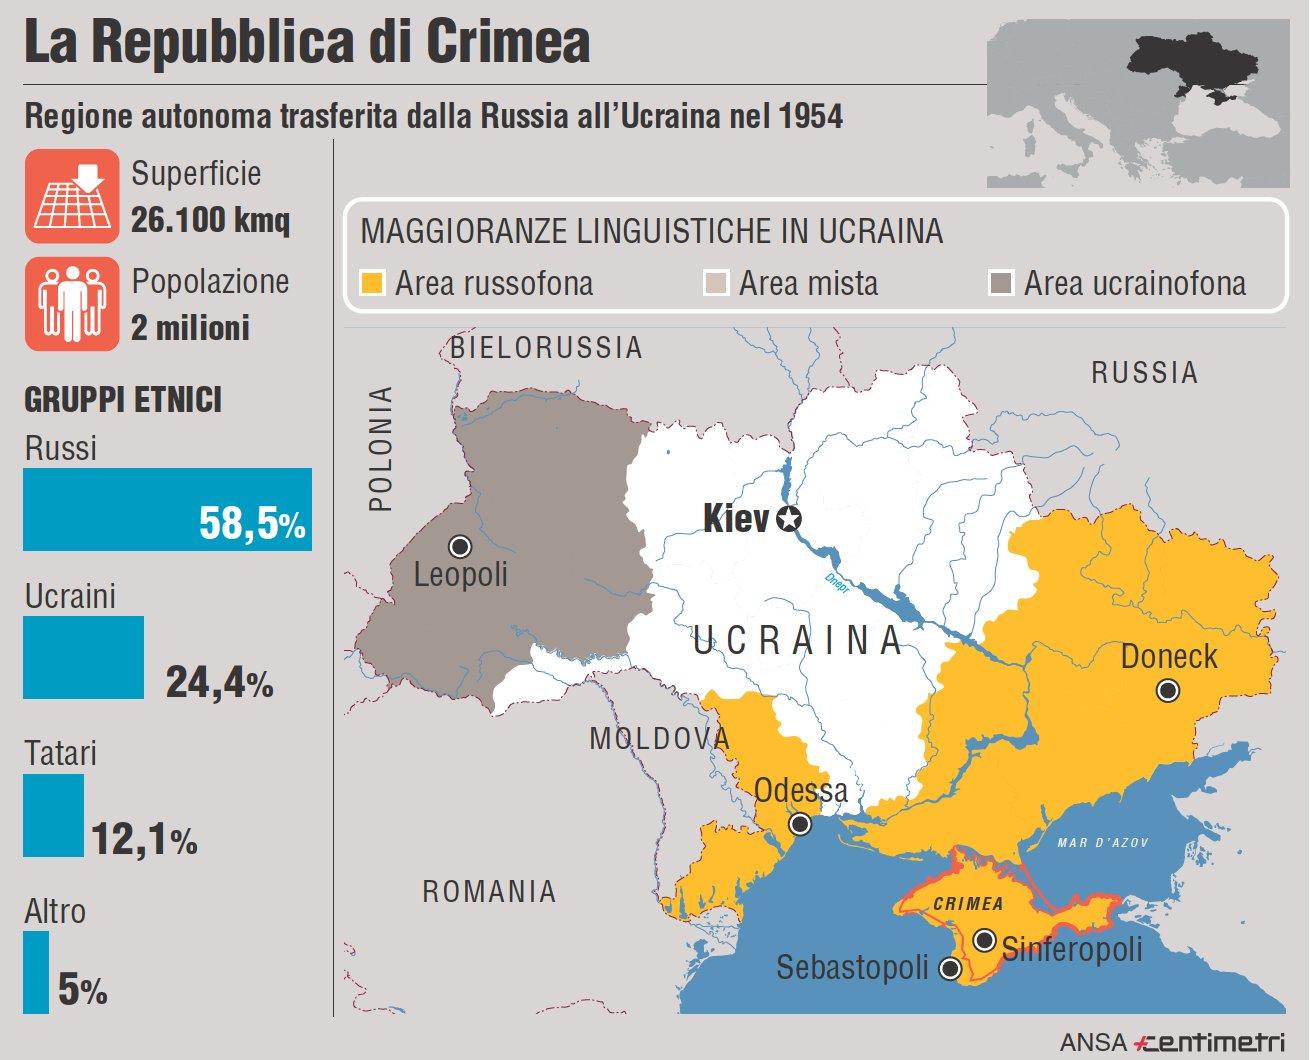 Russia Oggi Cartina.Perche La Russia Vuole La Guerra In Crimea Giornalettismo